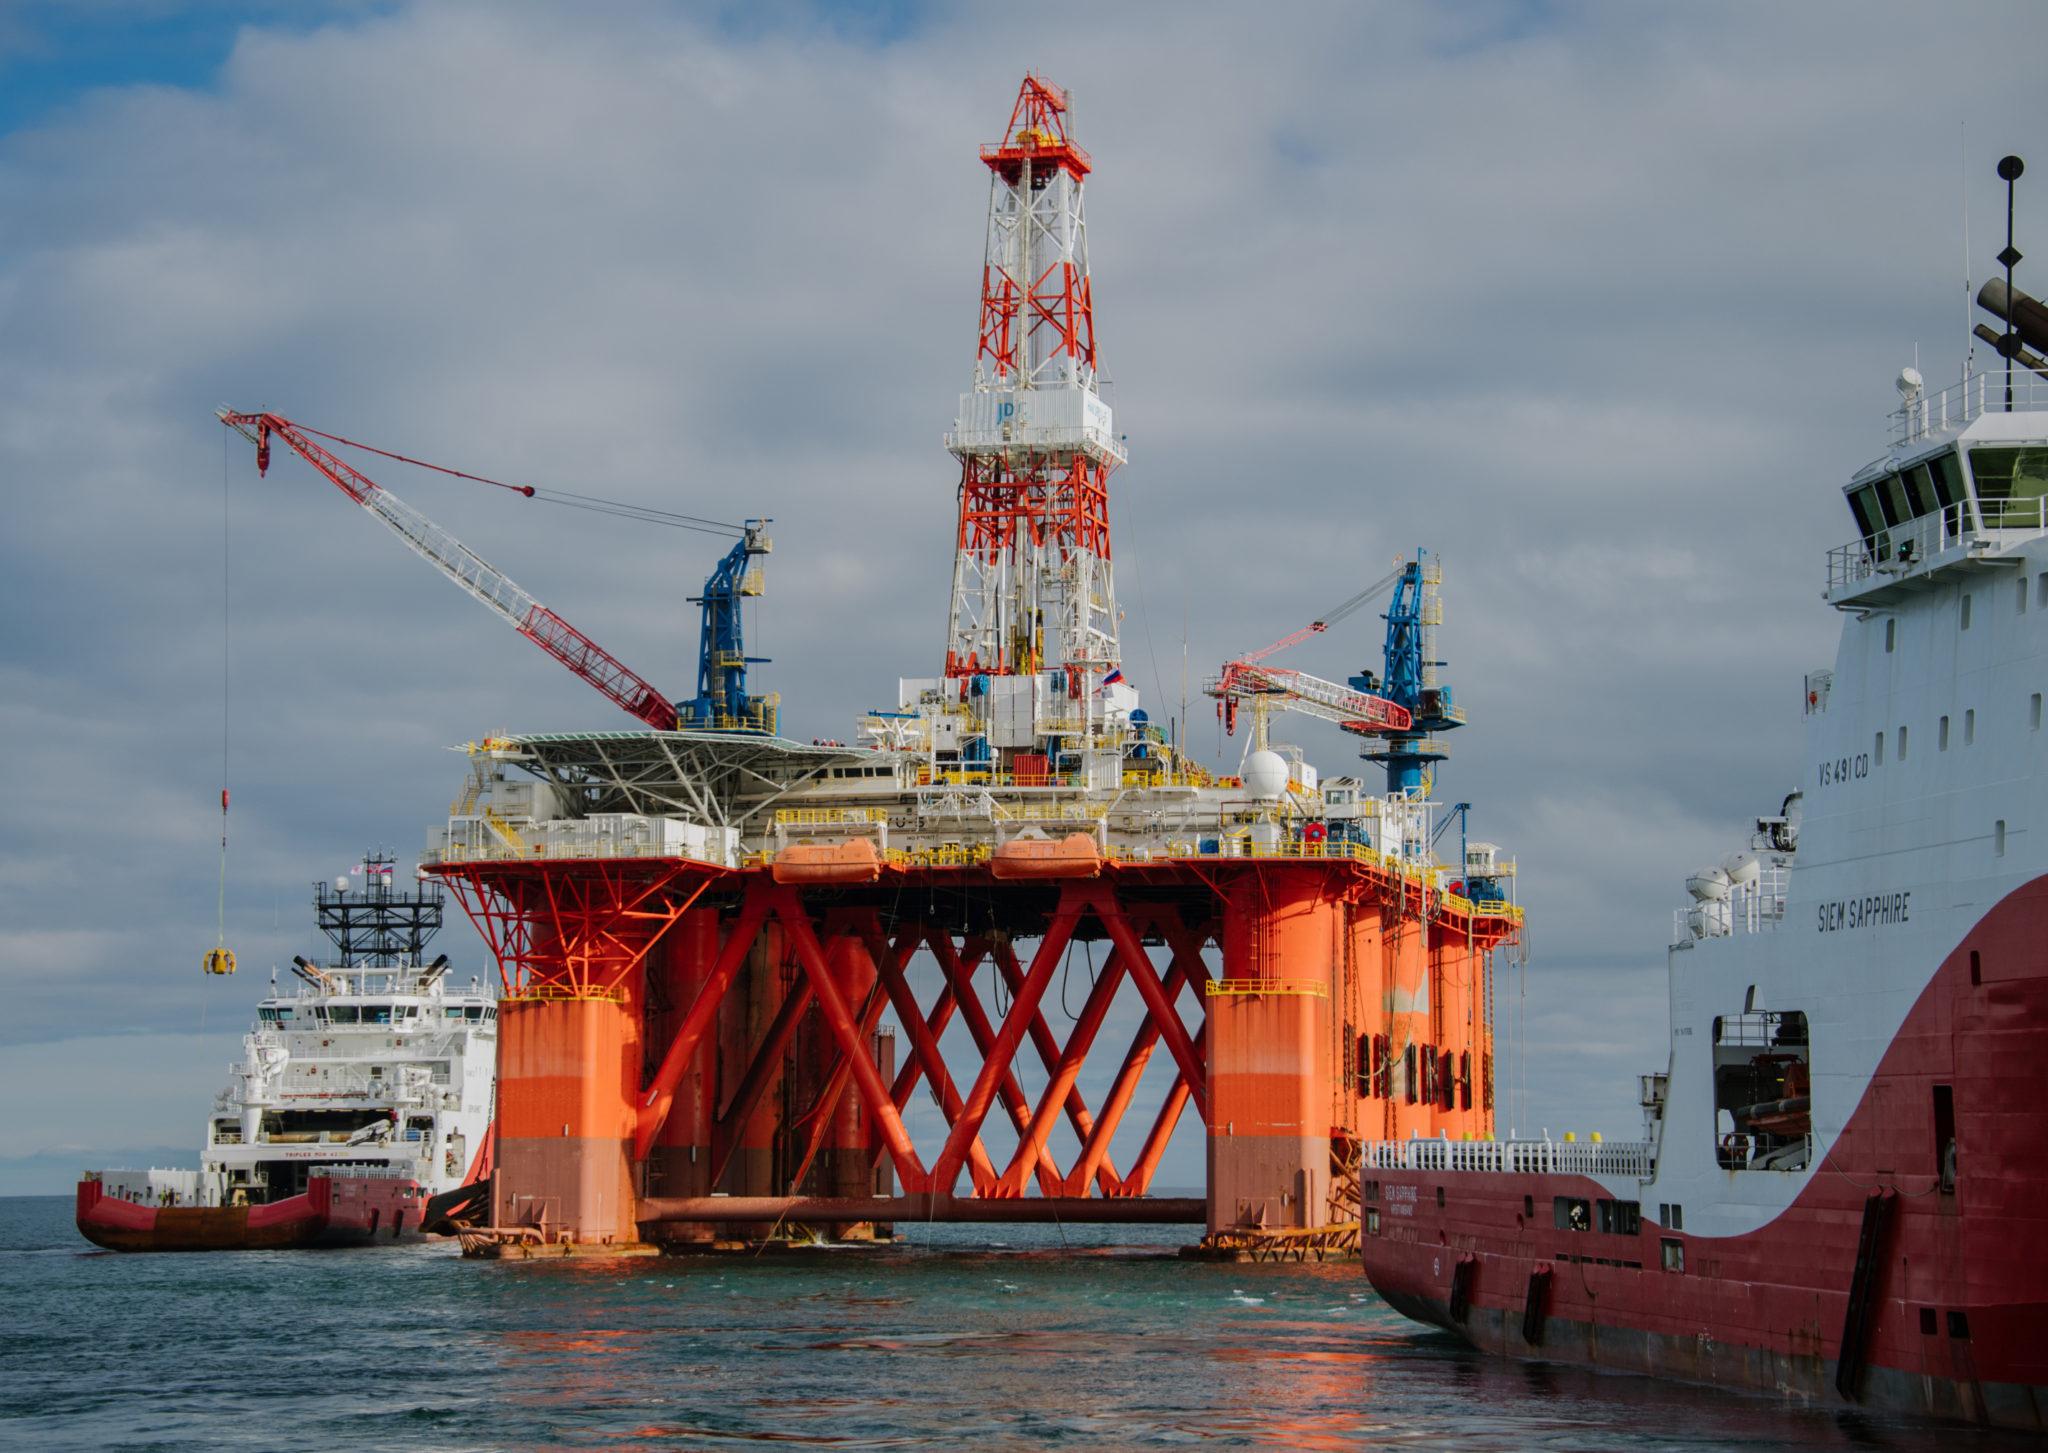 Морская перспектива: «Газпром нефть» и «Роснефть» соревнуются в геологоразведке на шельфе